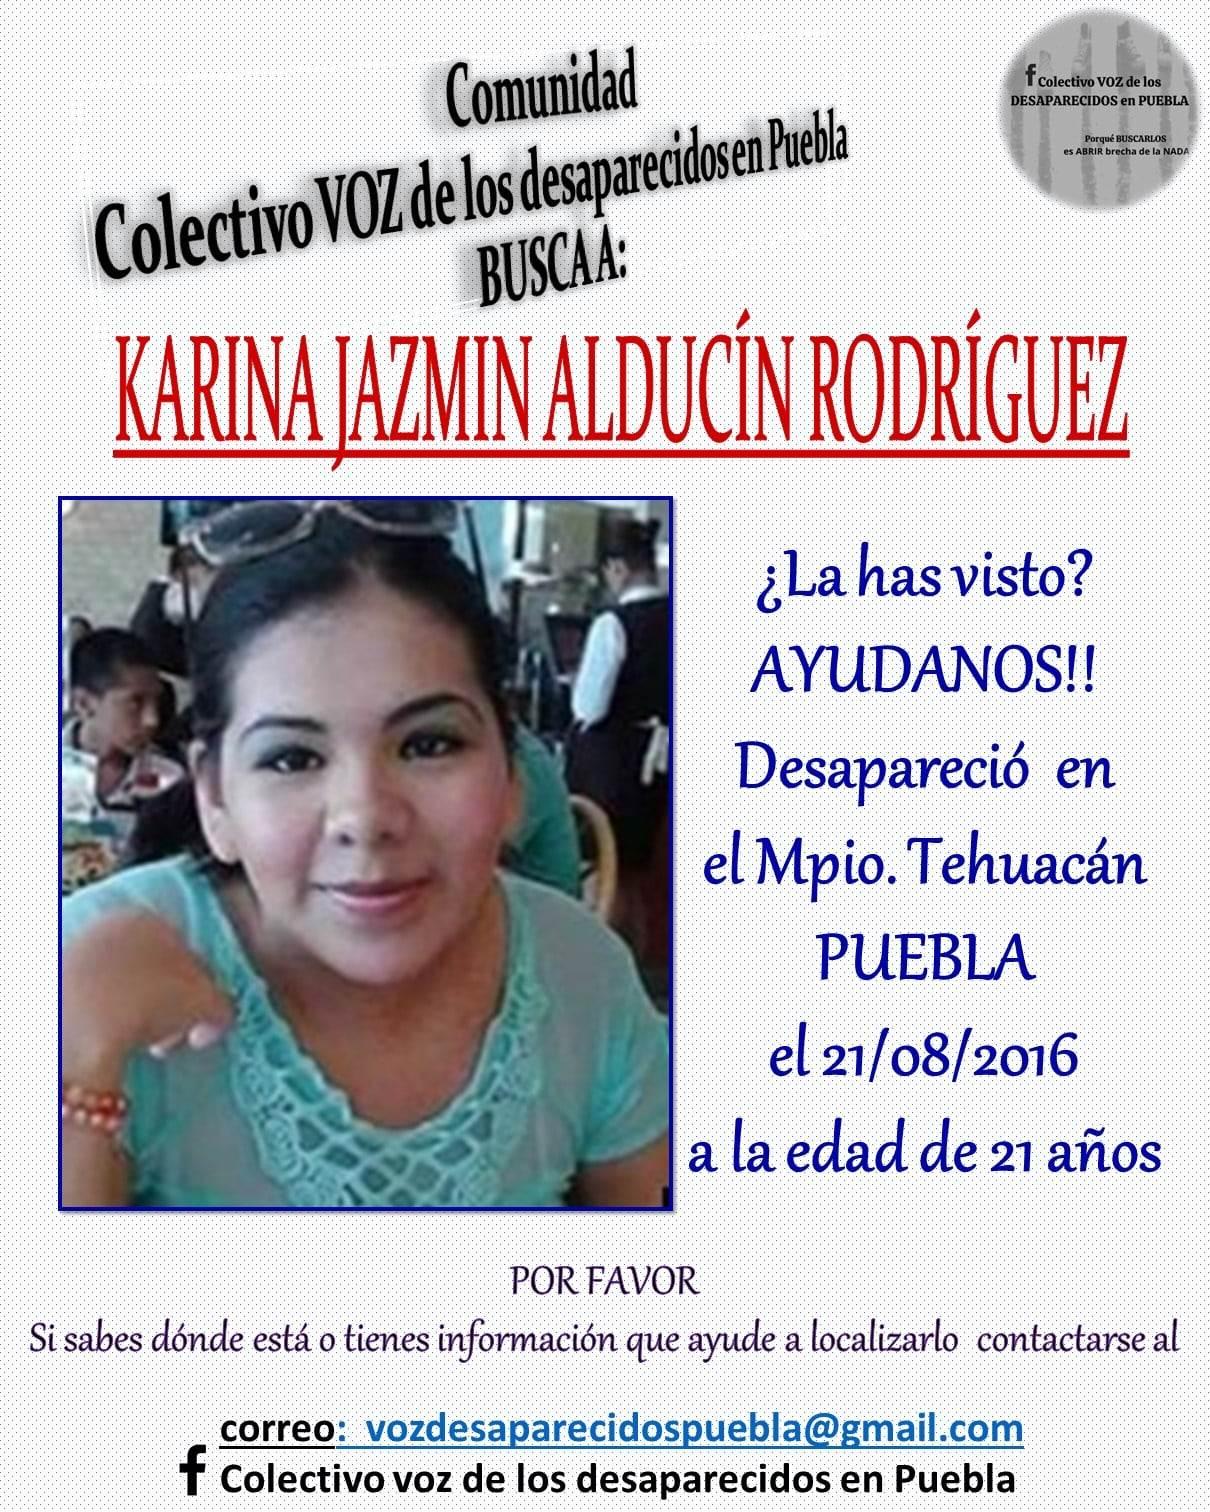 Entre los casos de mujeres desaparecidas en Tehuacán se encuentra el de Karina Jazmin.